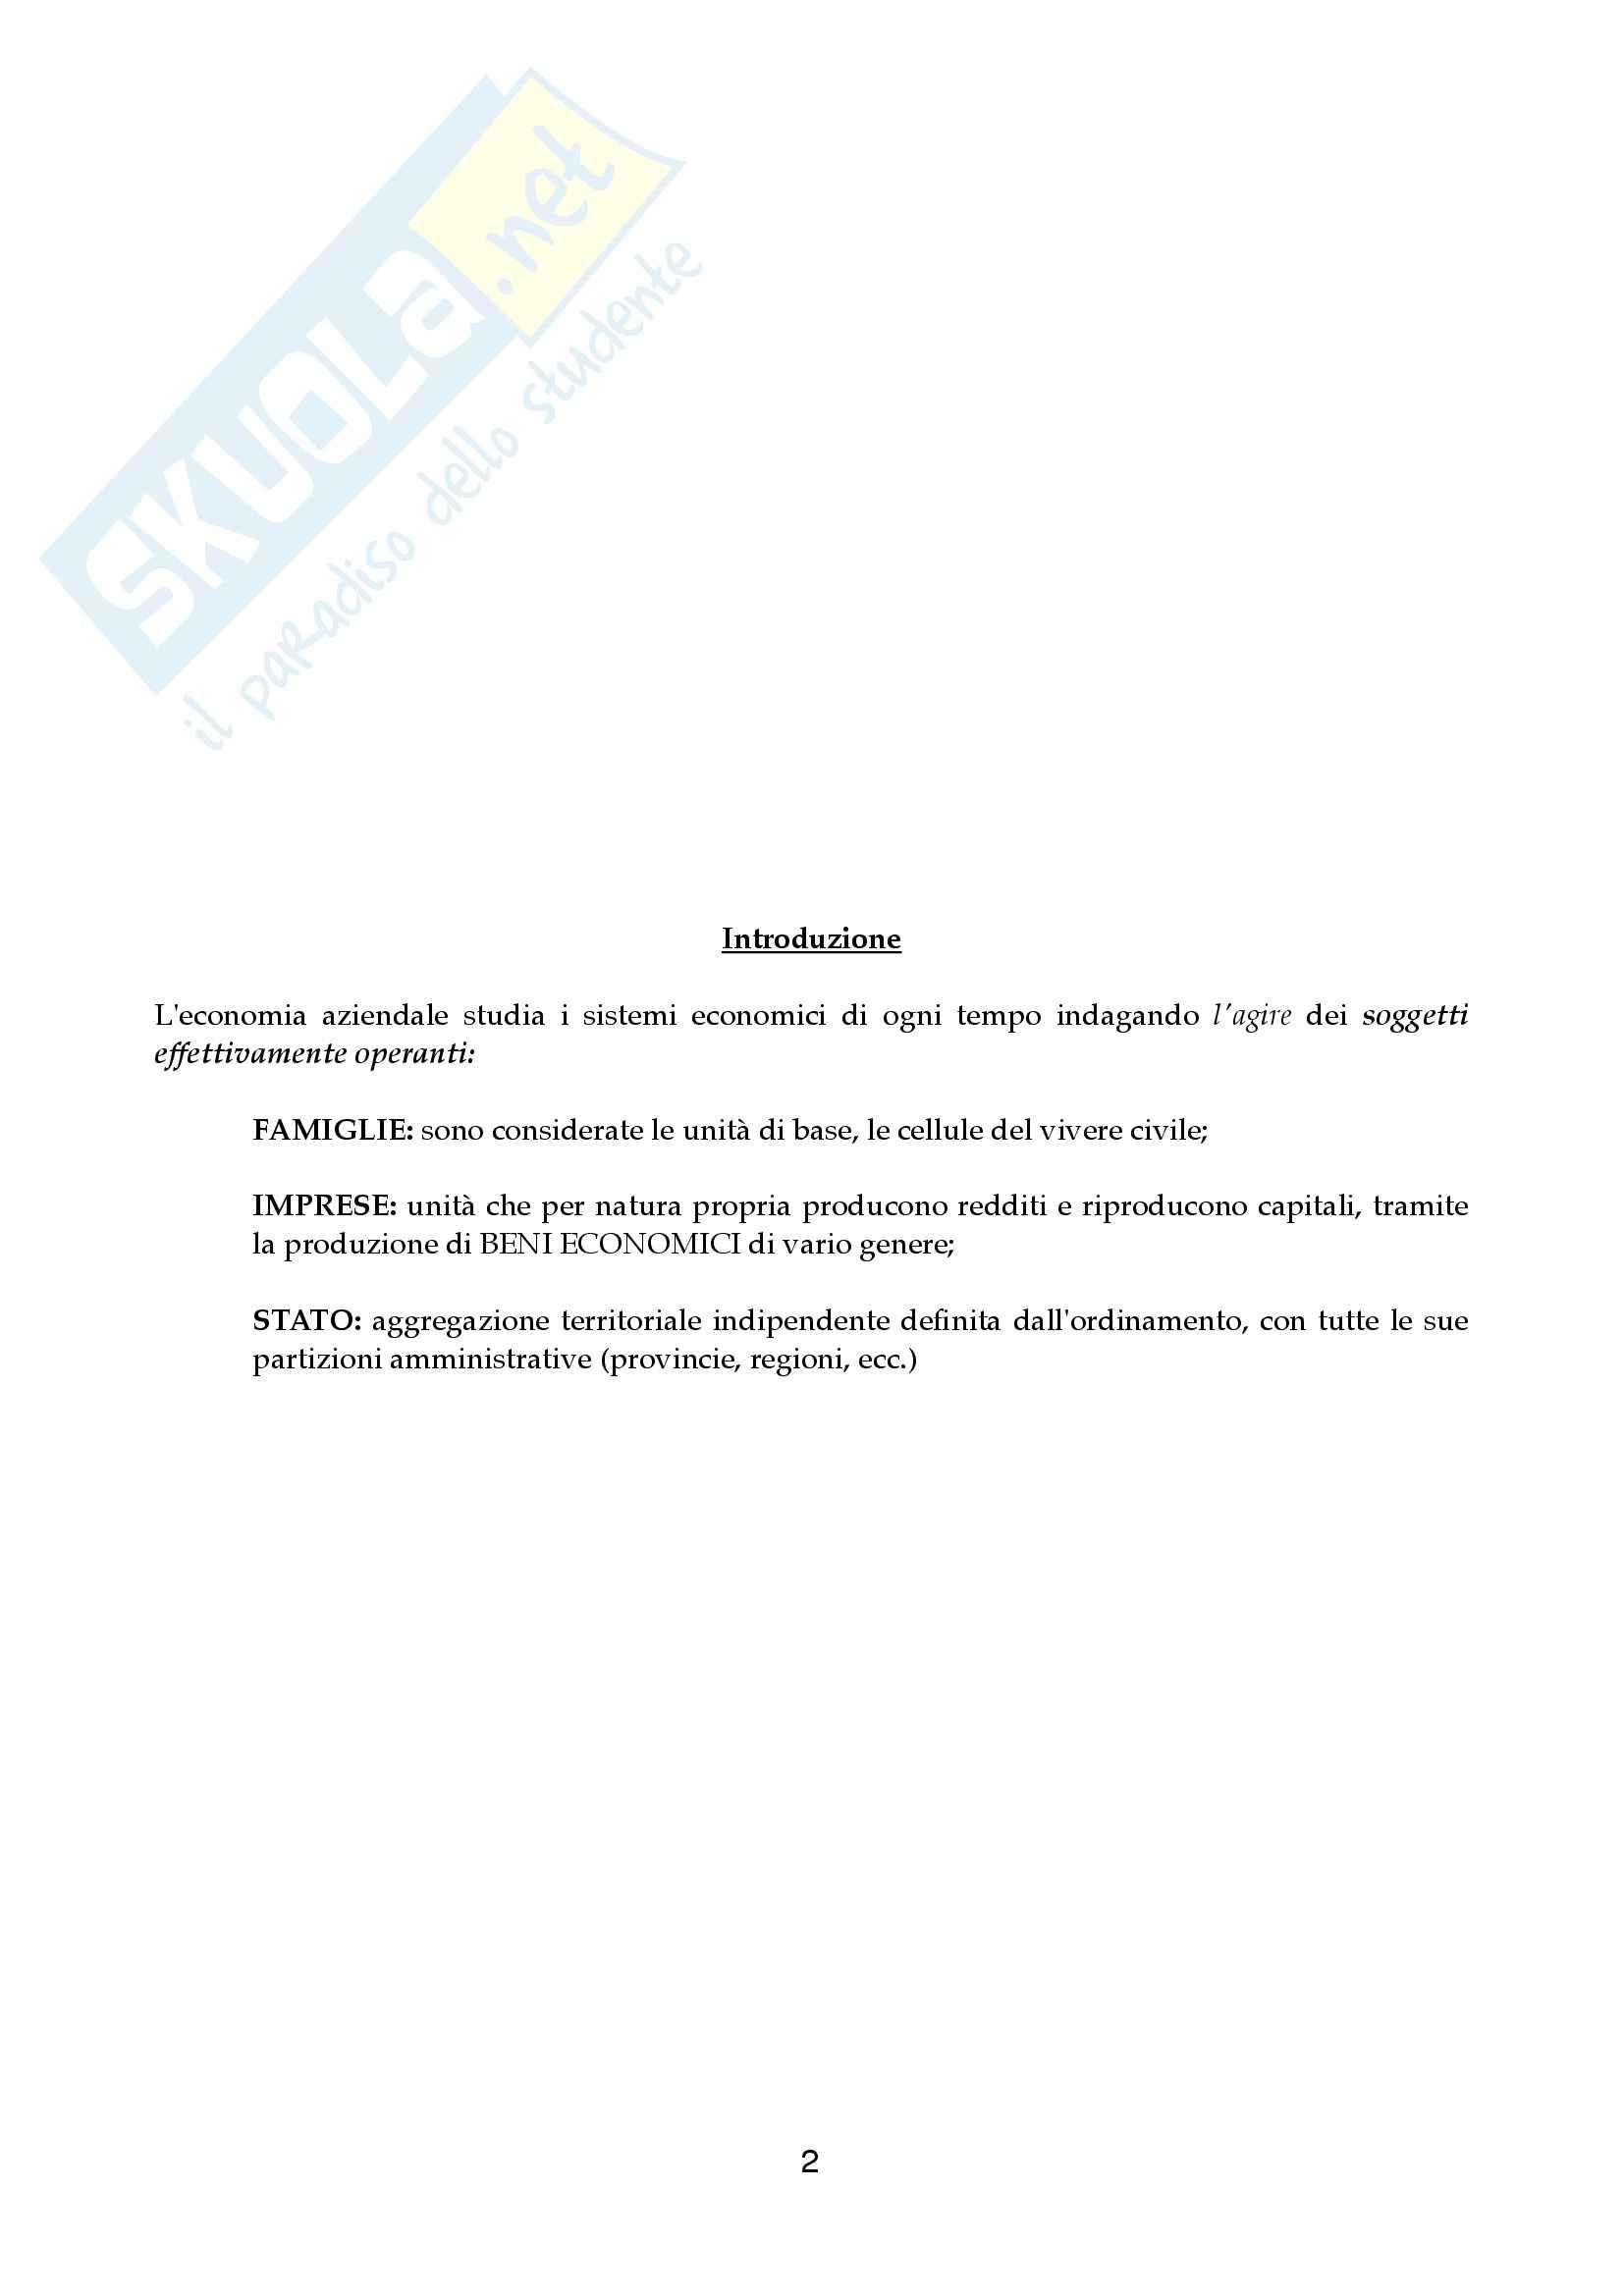 Riassunto esame Economia aziendale, prof. Canziani, libro consigliato Lezioni di Economia Aziendale Pag. 2